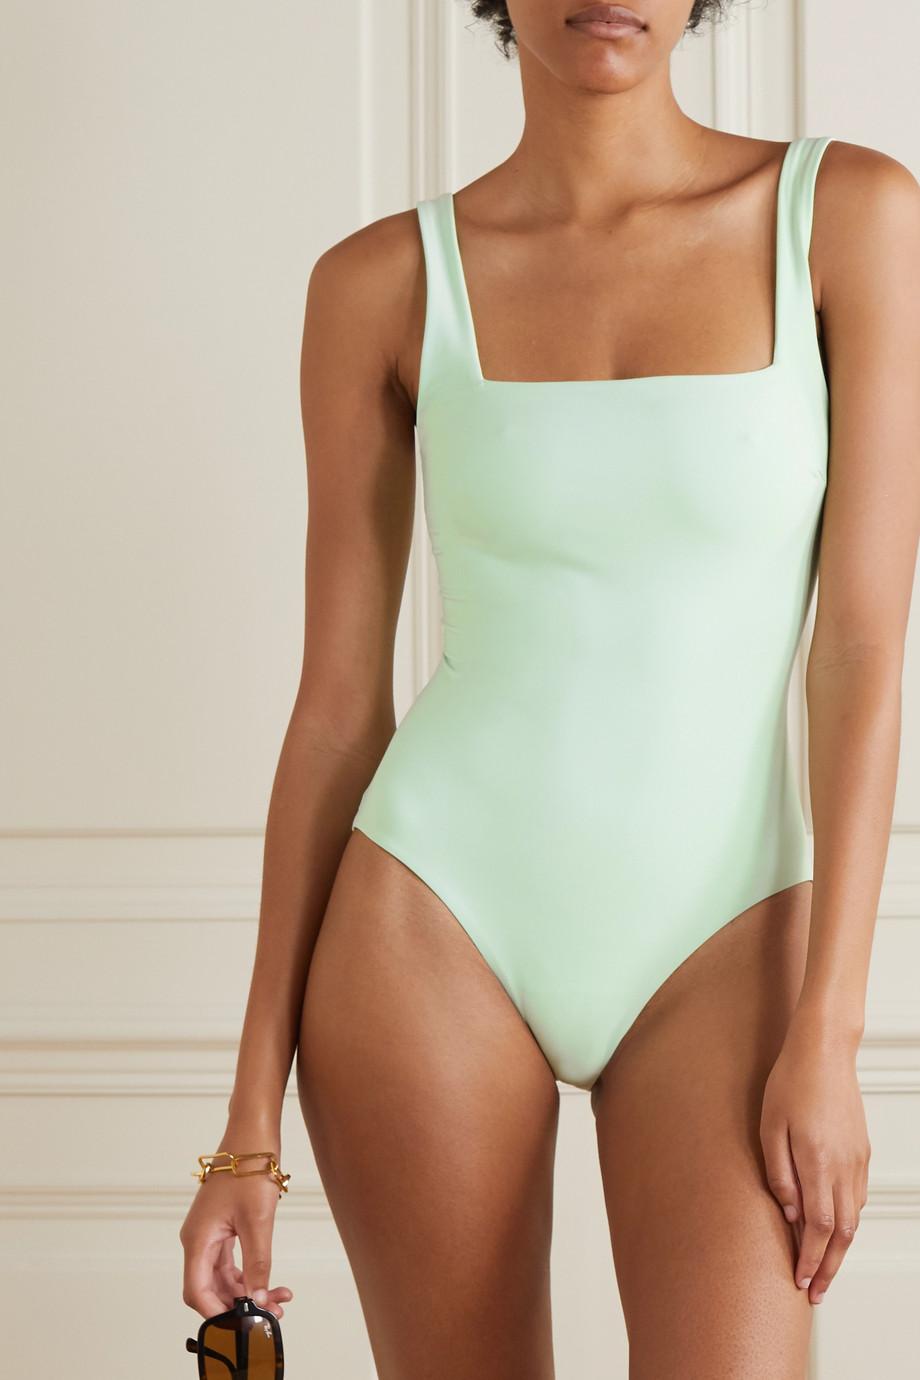 BONDI BORN + NET SUSTAIN x LG Electronics Margot swimsuit